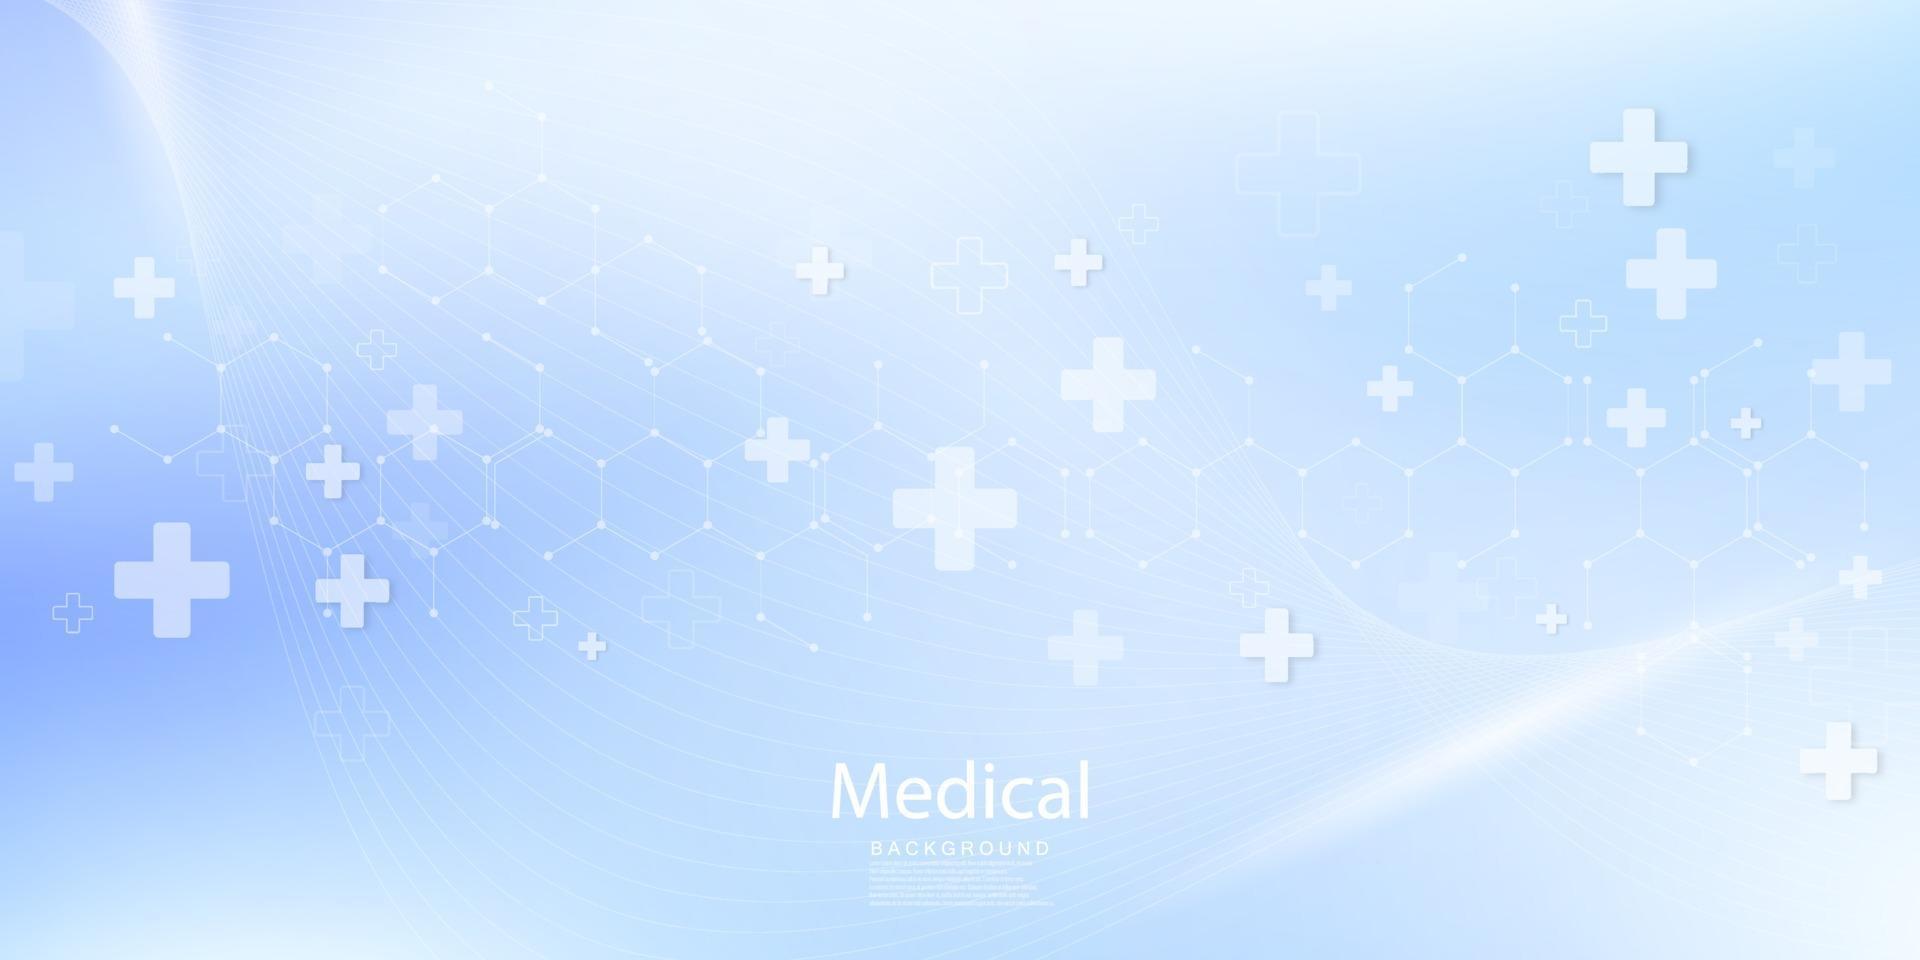 conceito de inovação médica conceito abstrato de comunicação de tecnologia vetor